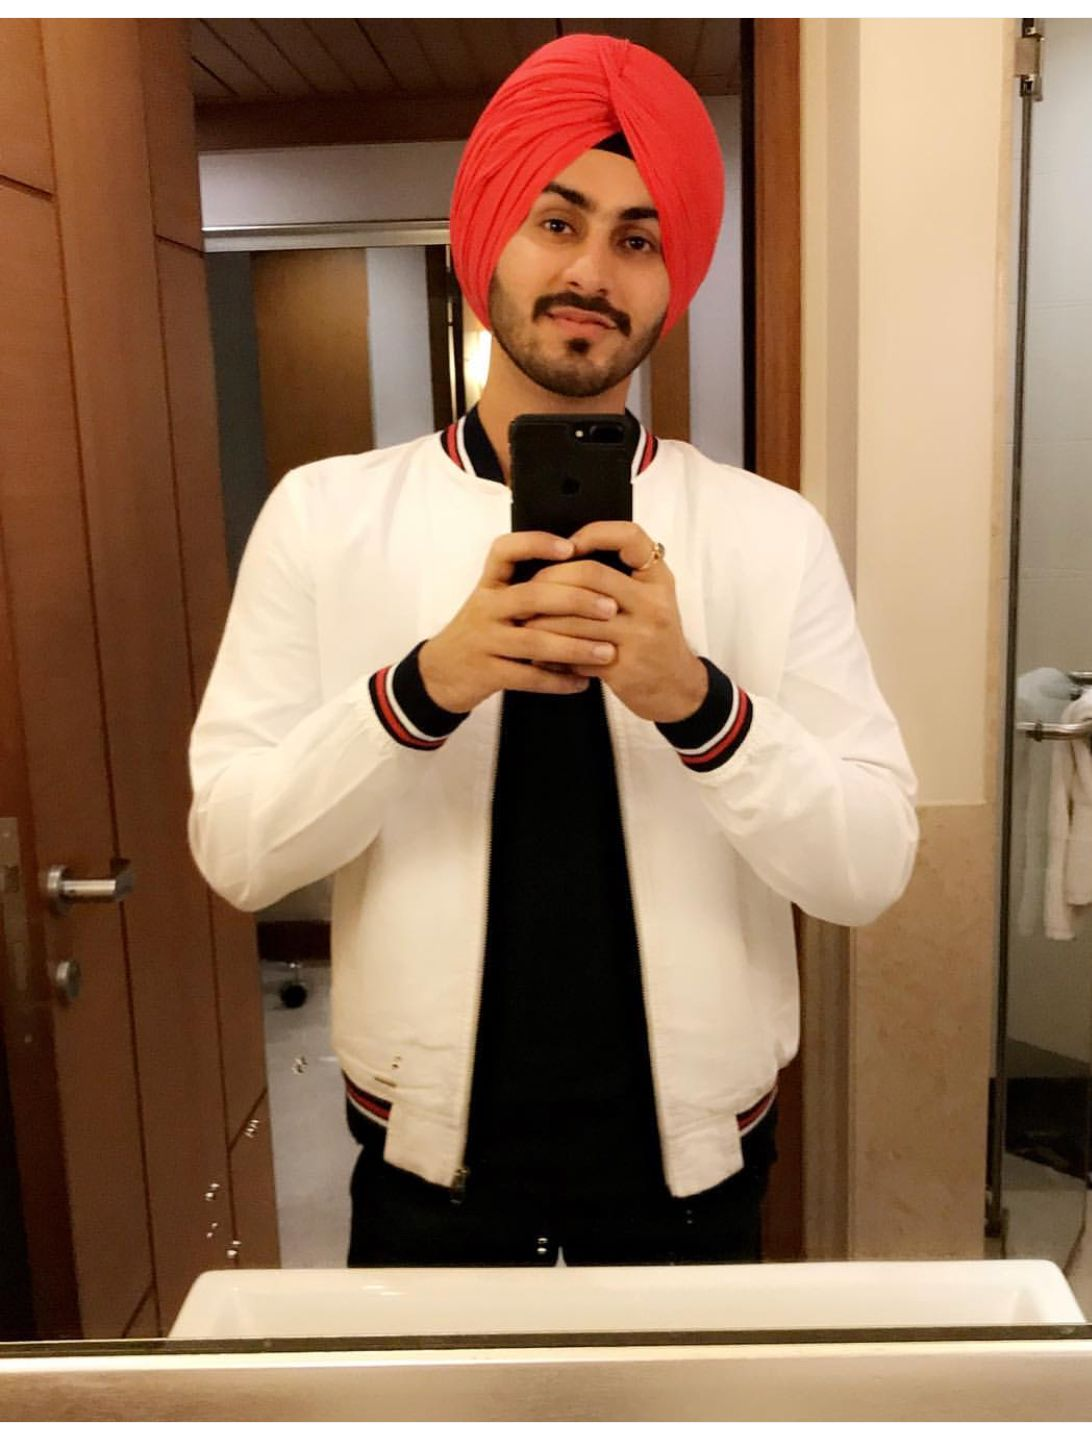 Pin By Balwinder Kaur On Rohanpreet Singh Punjabi Boys Modest Fashion Singer